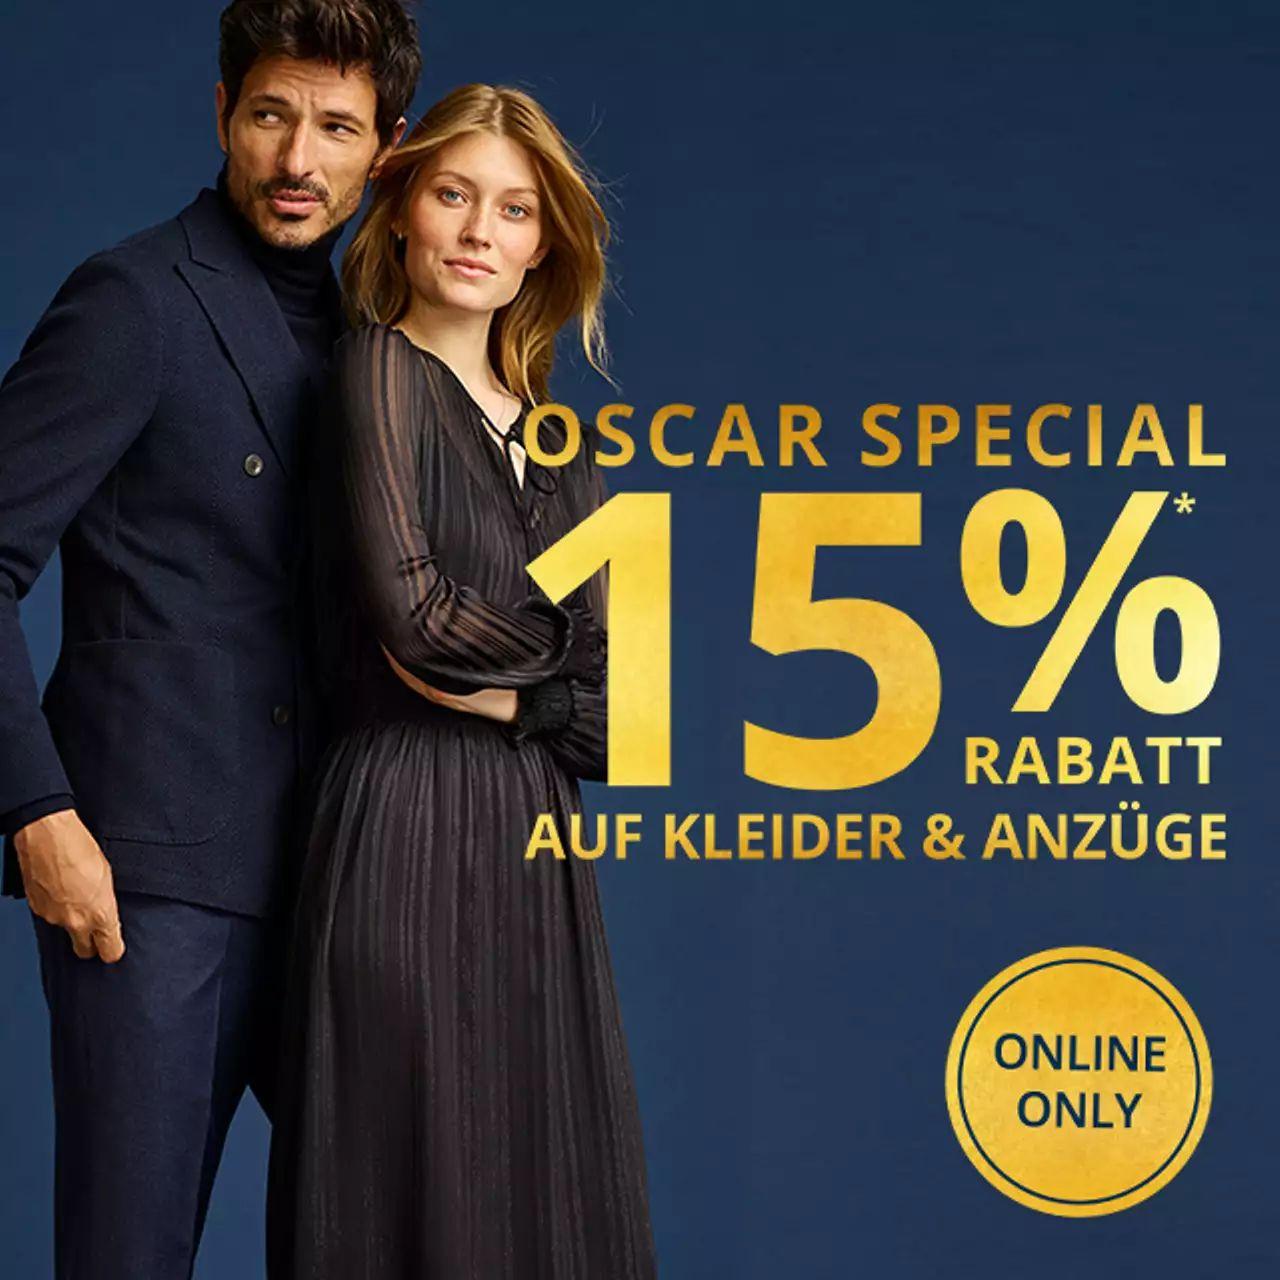 Peek & Cloppenburg: 15% Rabatt auf Kleider und Anzüge